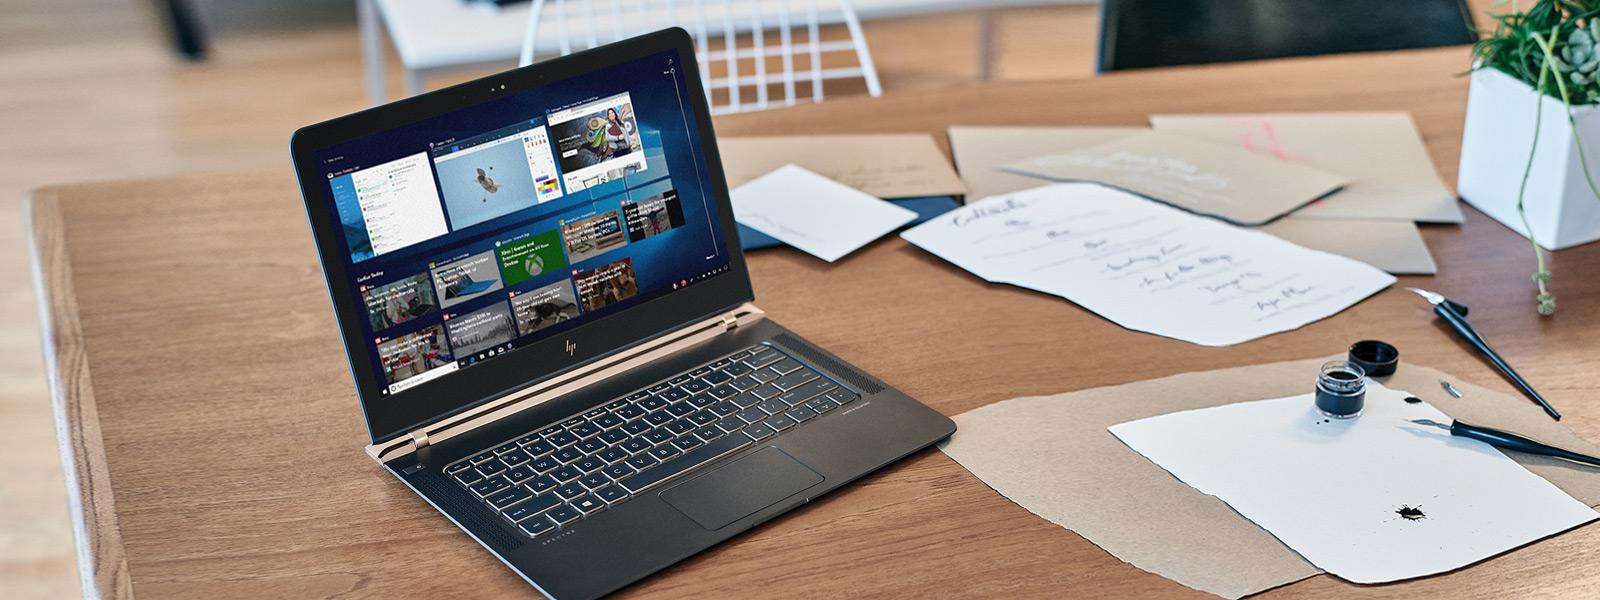 Calendario de Windows mostrado en la pantalla de un portátil en un escritorio